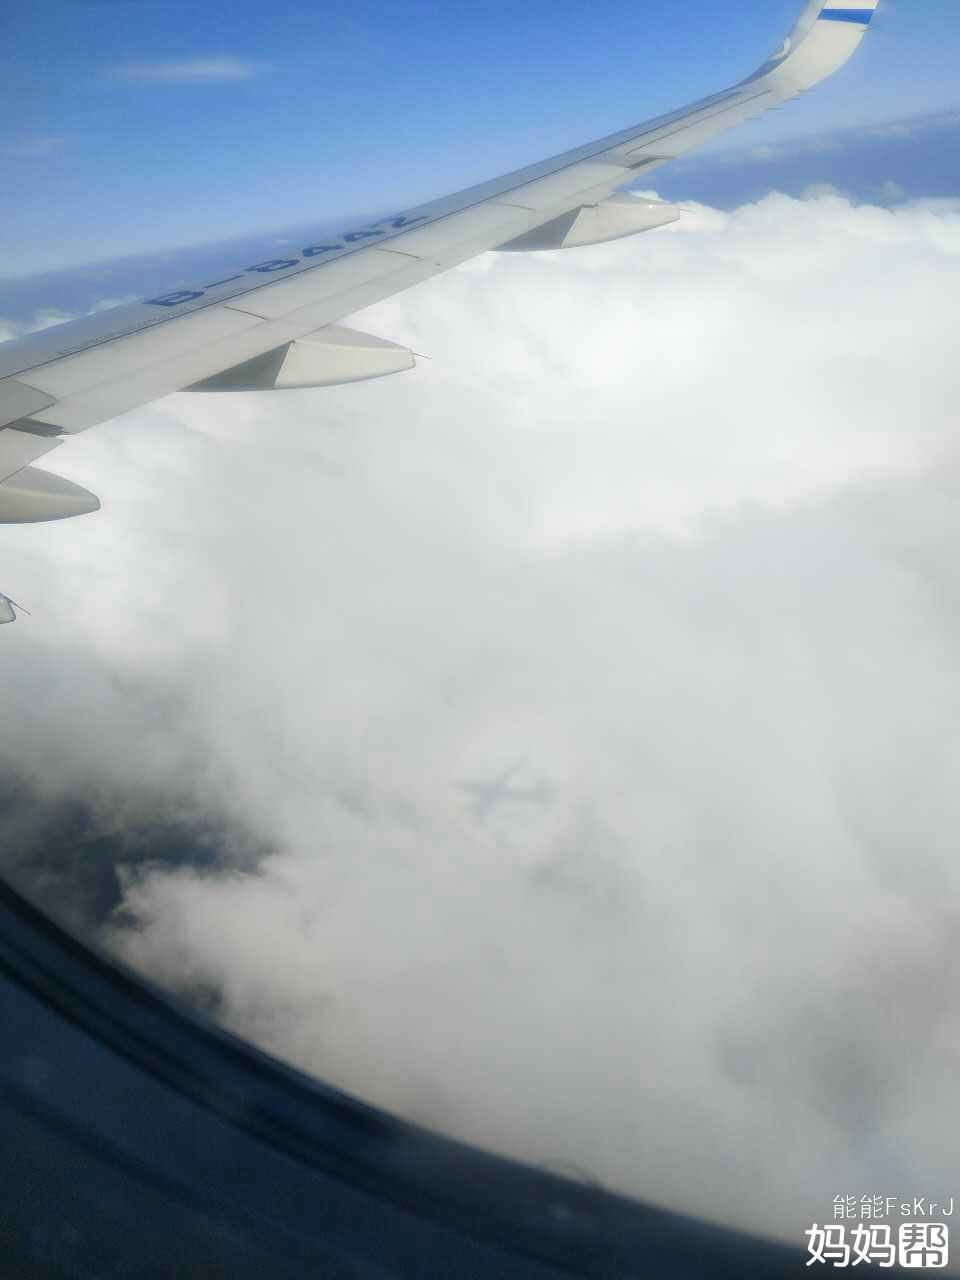 孕5个月坐飞机往返青岛至长沙